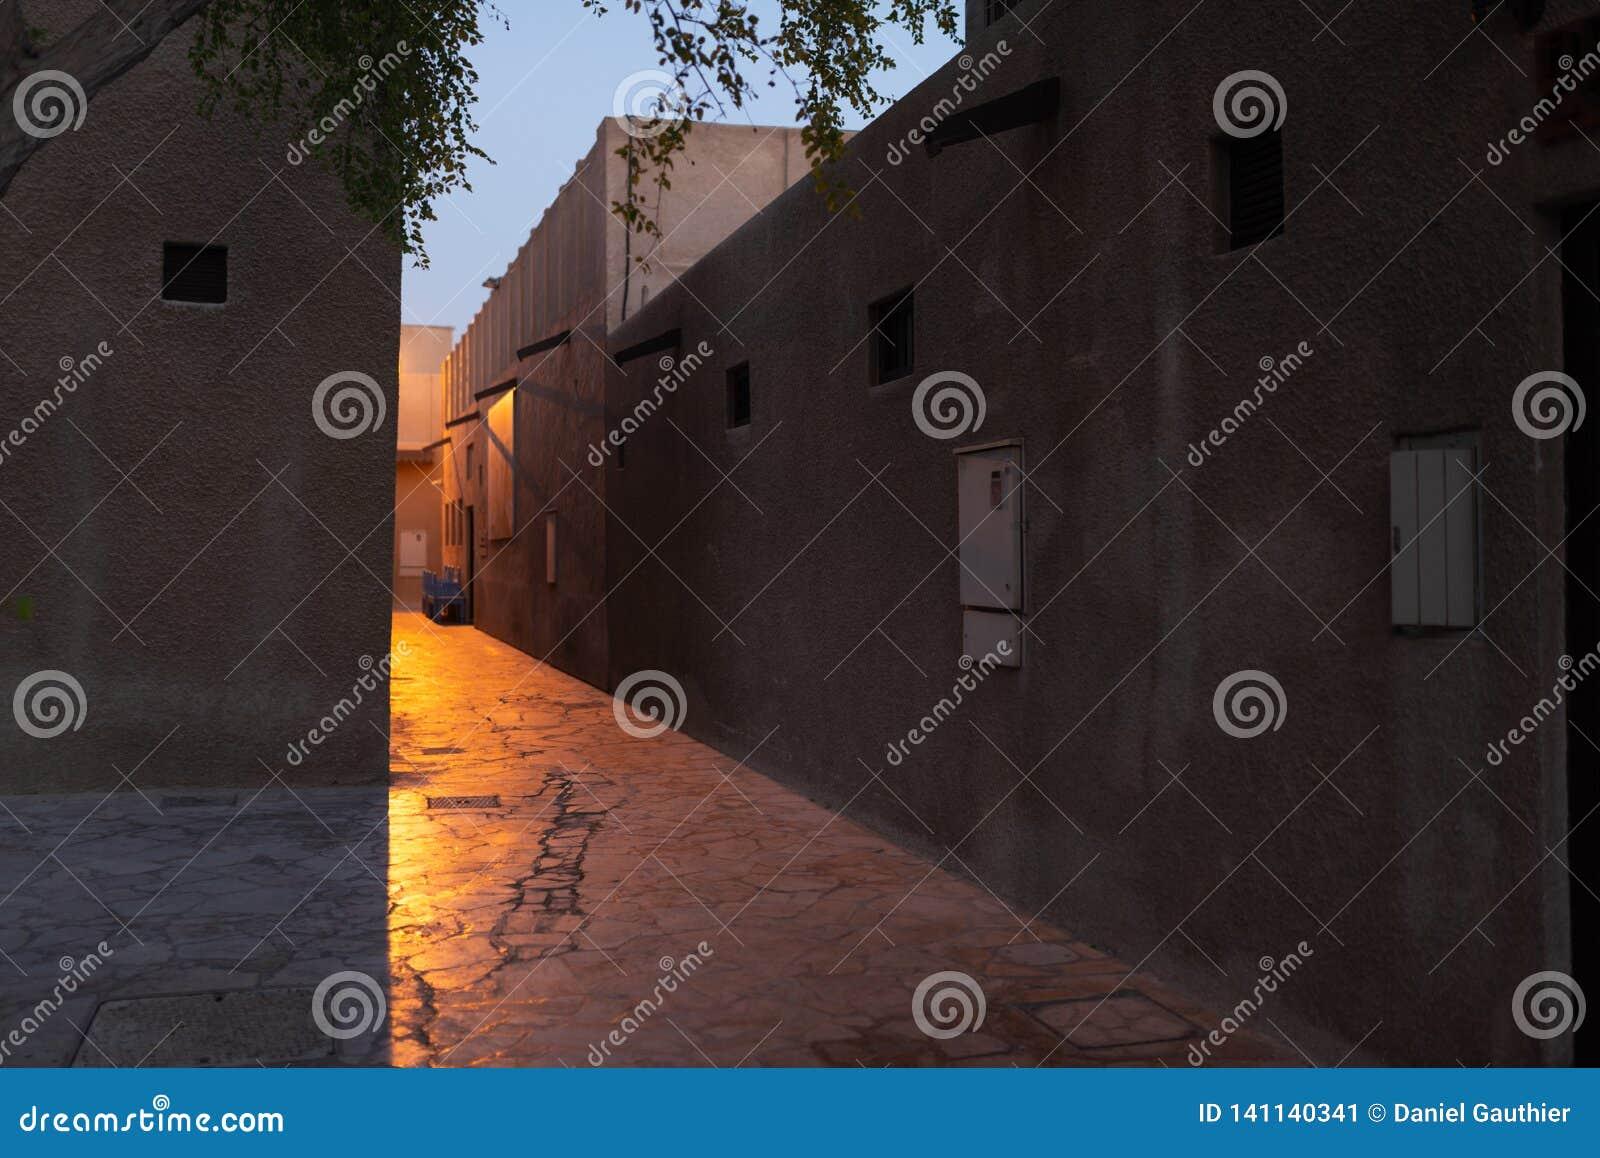 Tajemnicza ulica przy półmrokiem, Dubaj